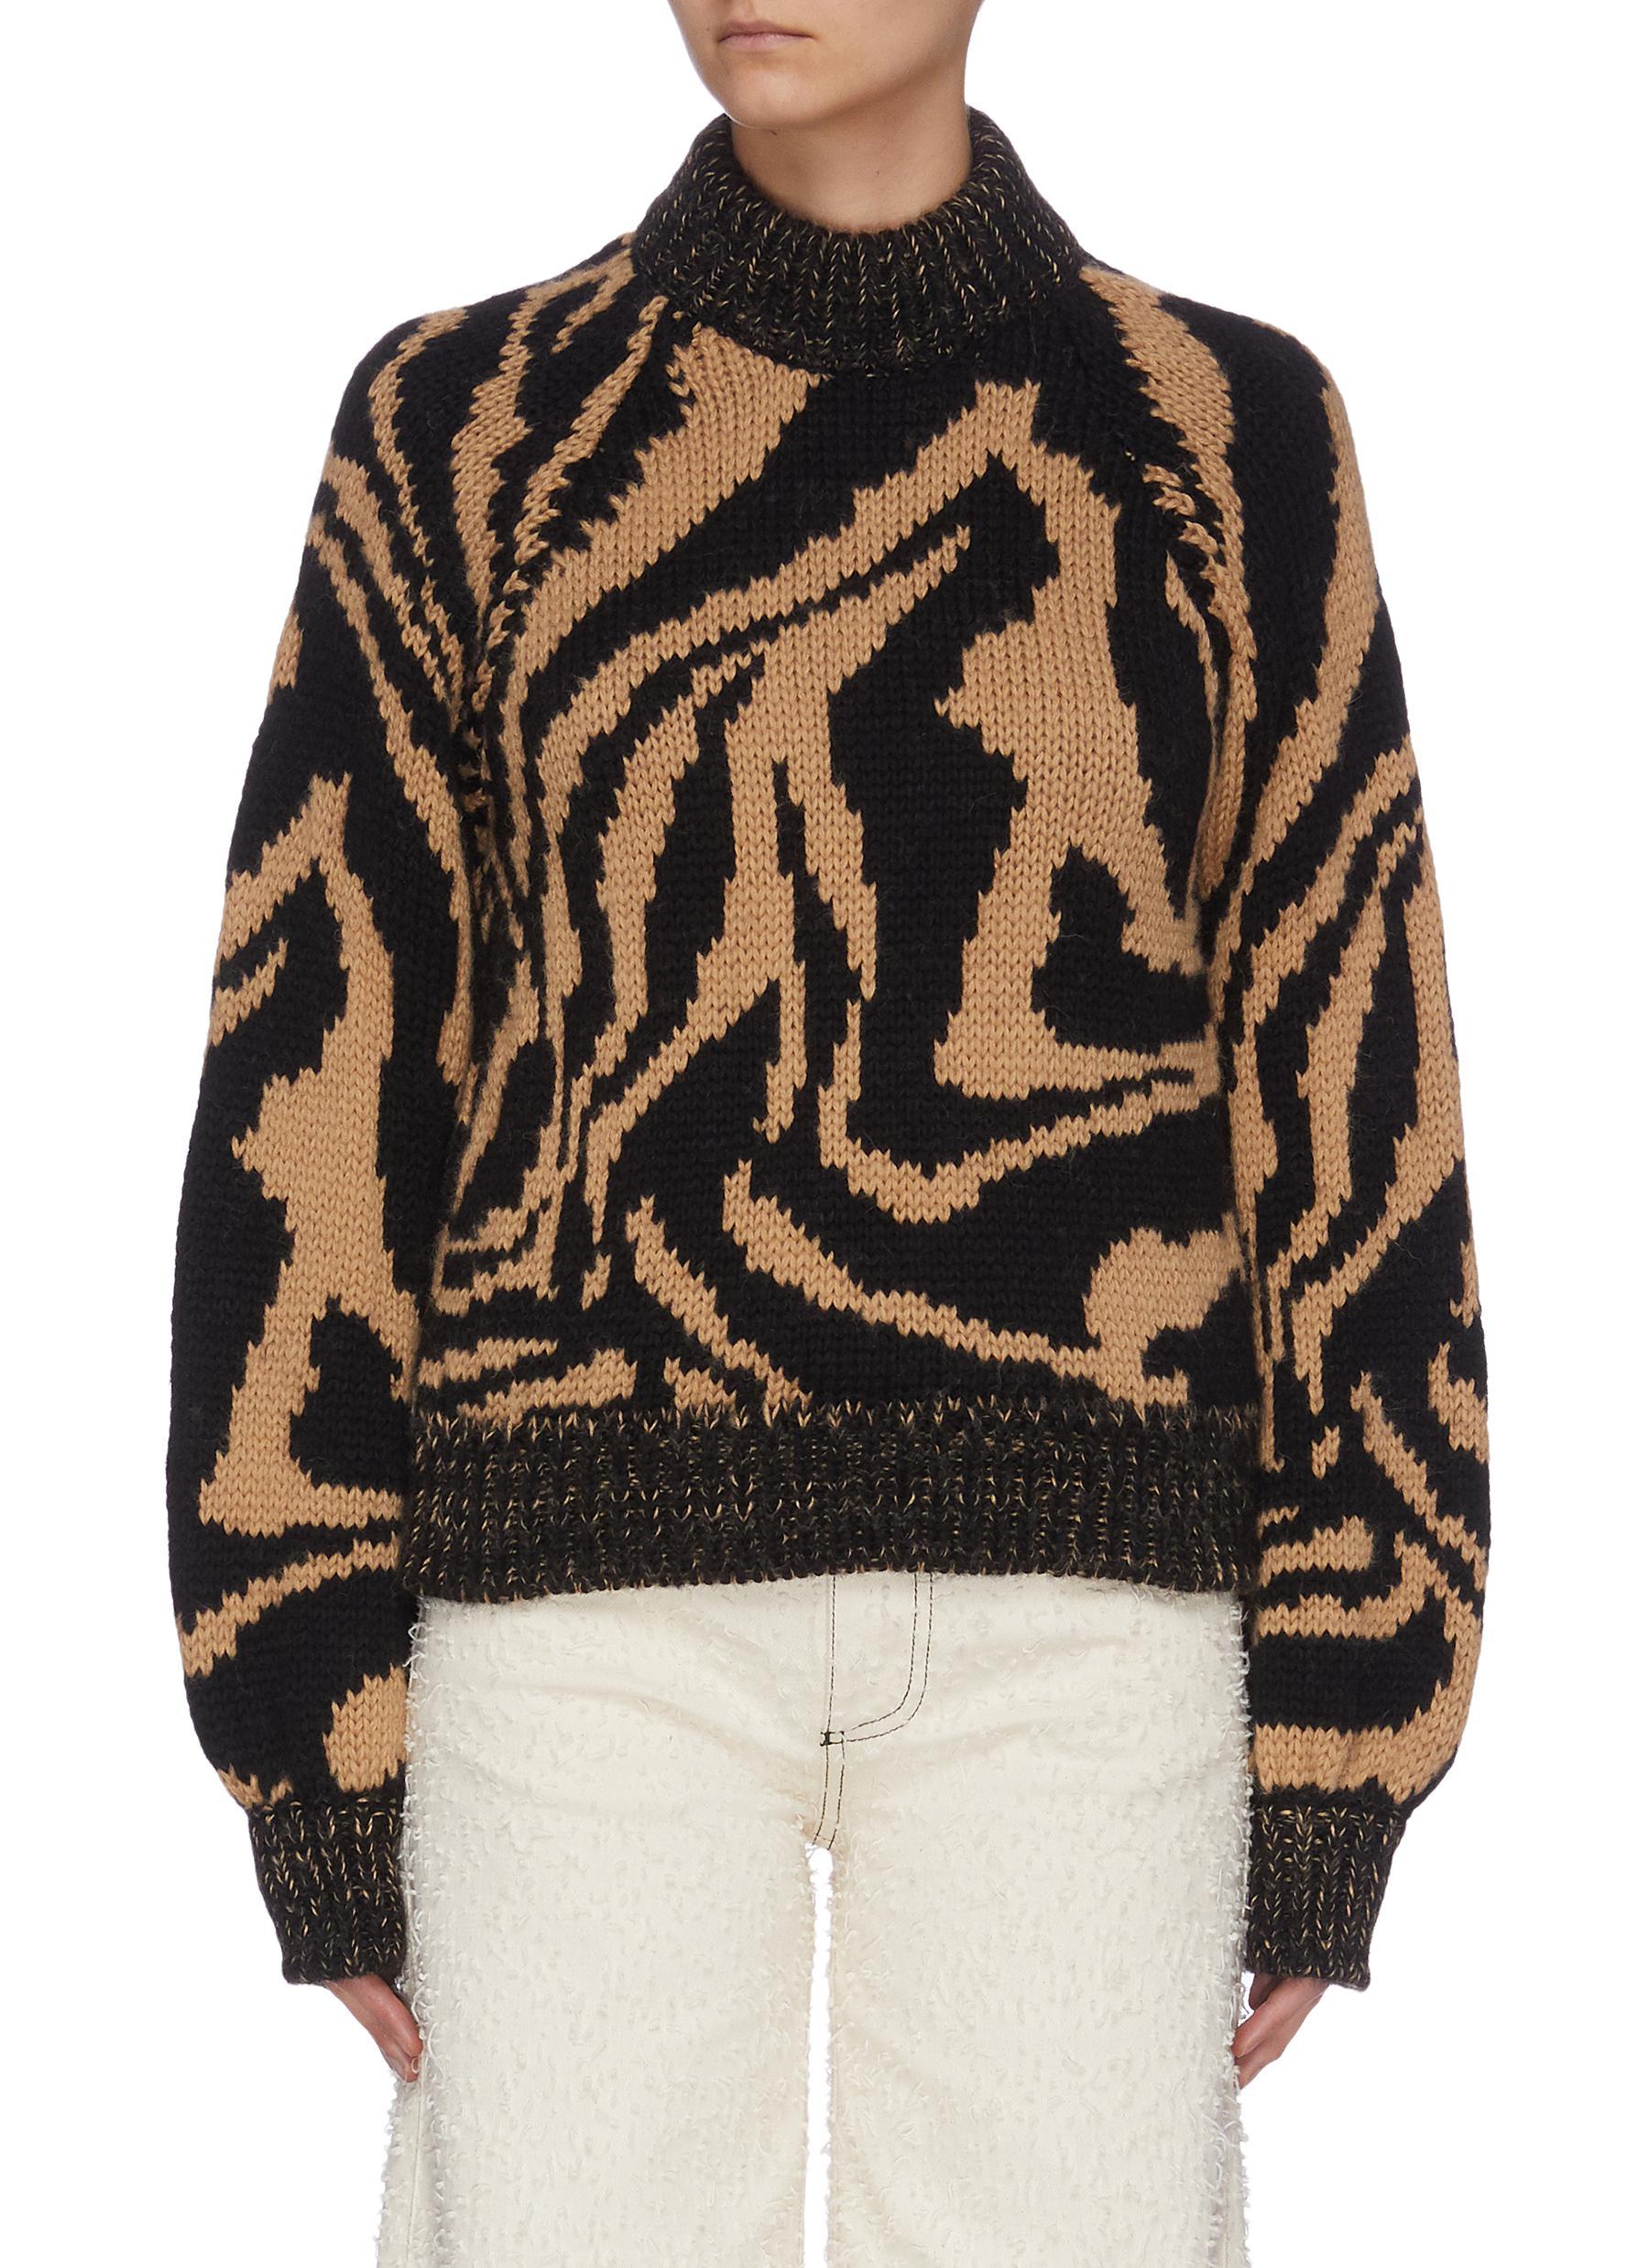 Buy Ganni Knitwear Oversized Hand Knit Wool Sweater